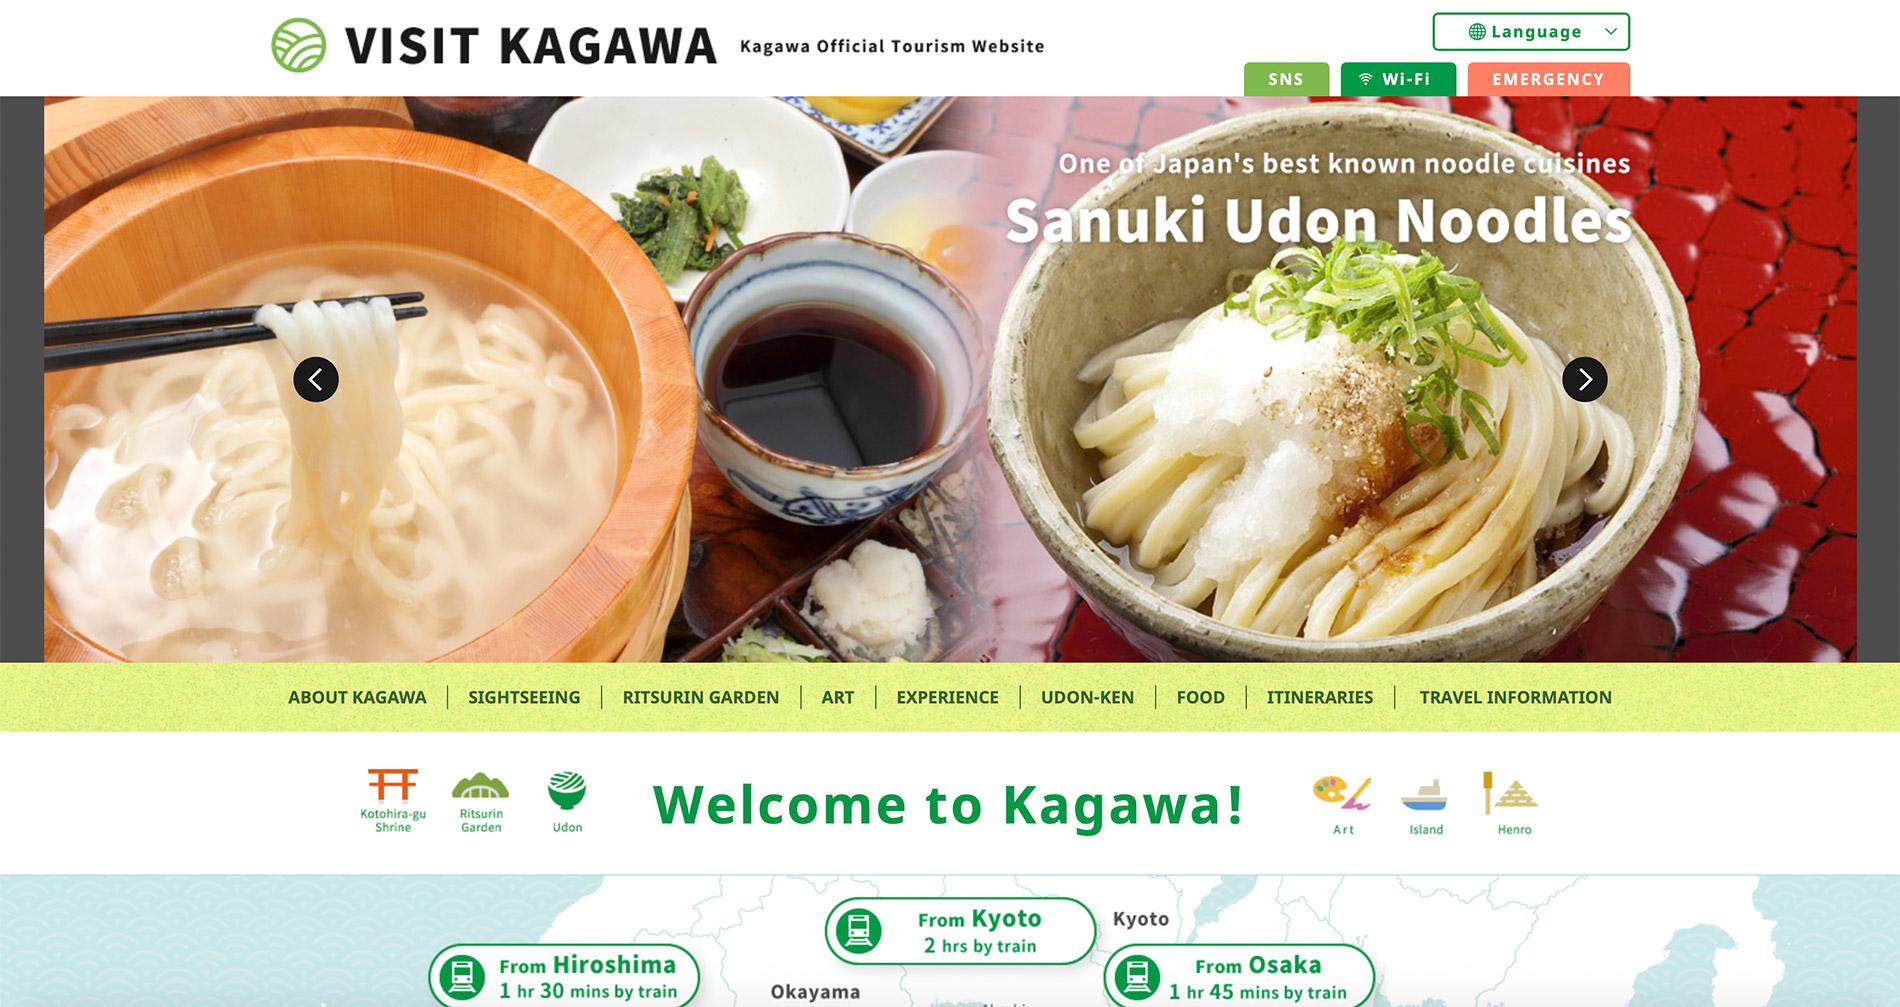 Die englische Webseite des Tourismusverbandes der Präfektur Kagawa.